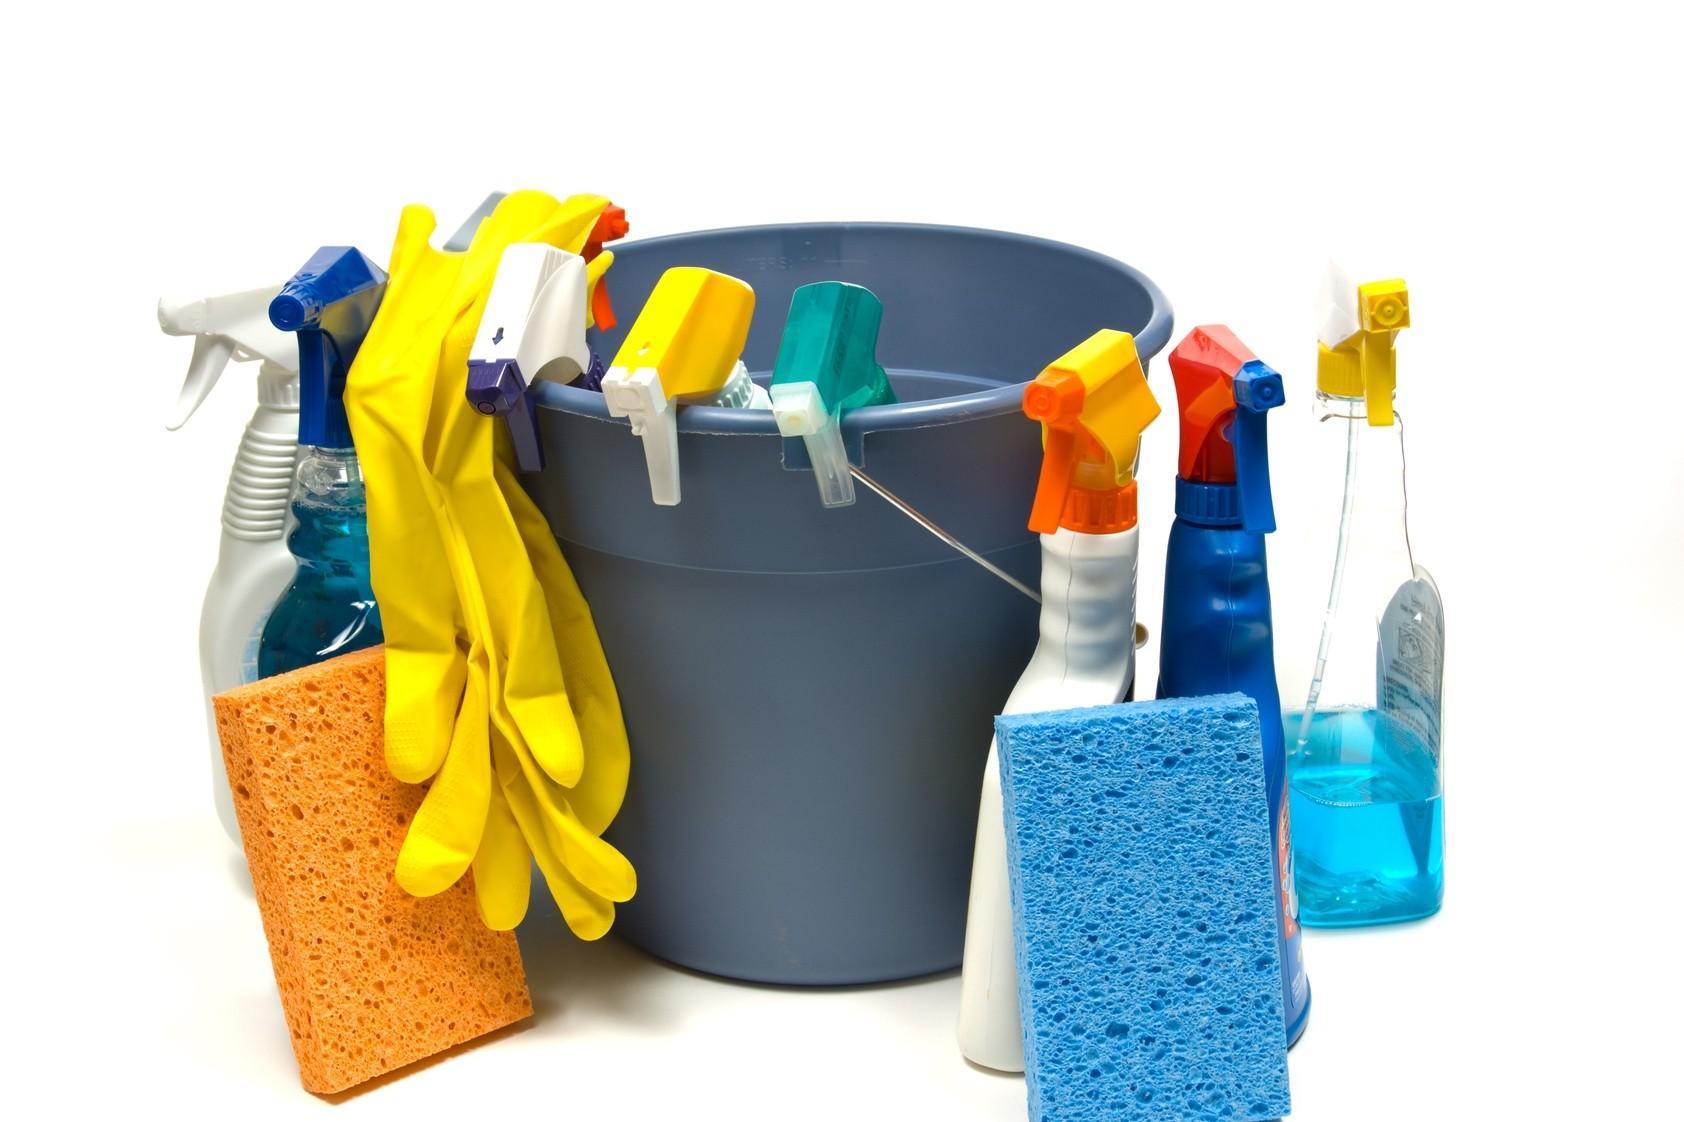 Pulizie: spray o detergenti liquidi possono essere nocivi per la salute